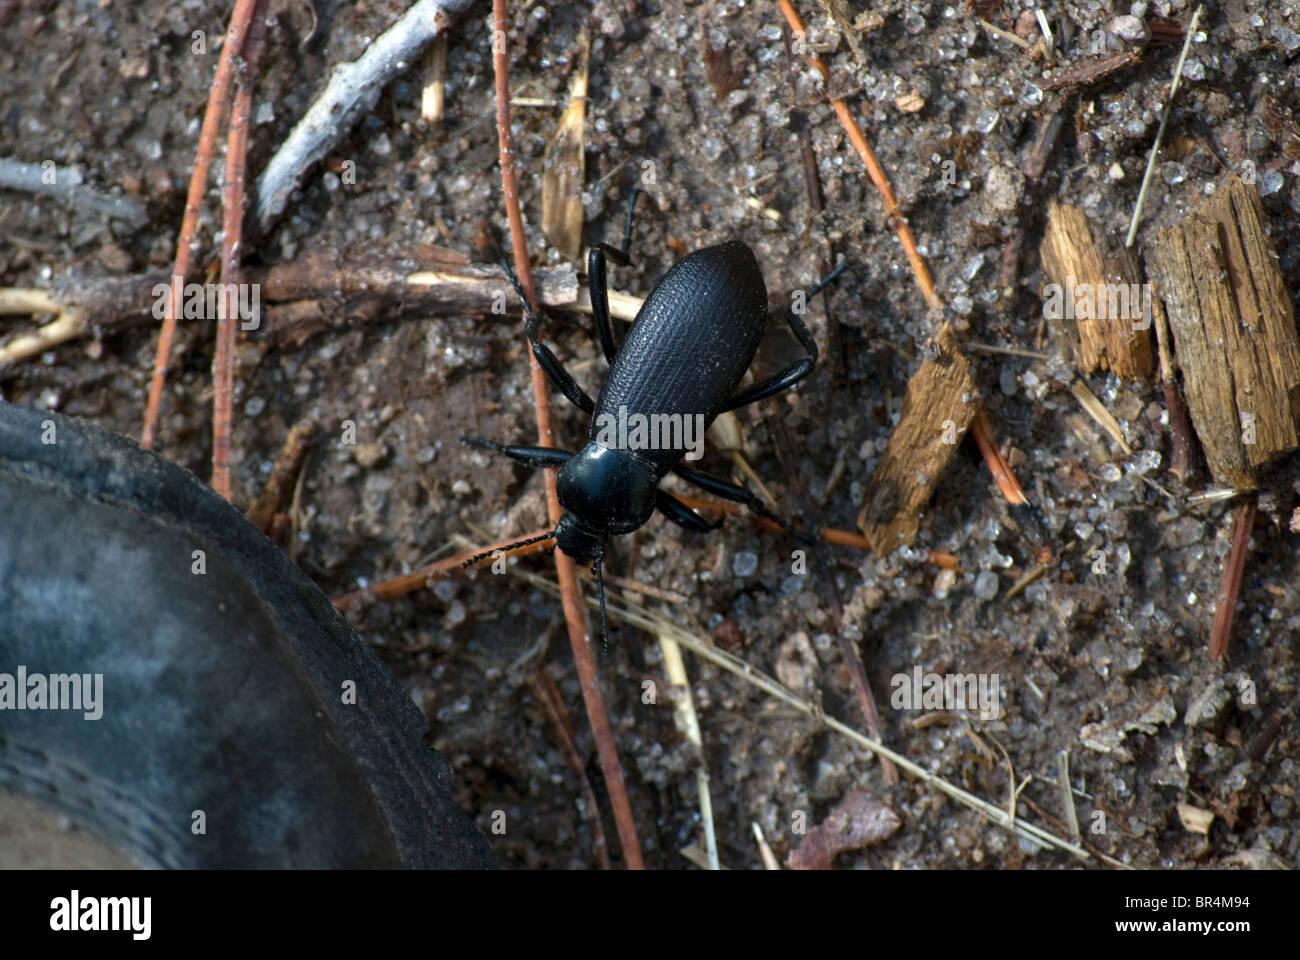 Ein stinken Käfer, bekannt als ein Pincate Käfer (Eleodes Obscurus) nähert sich die Sohle eines Schuhs. Stockbild